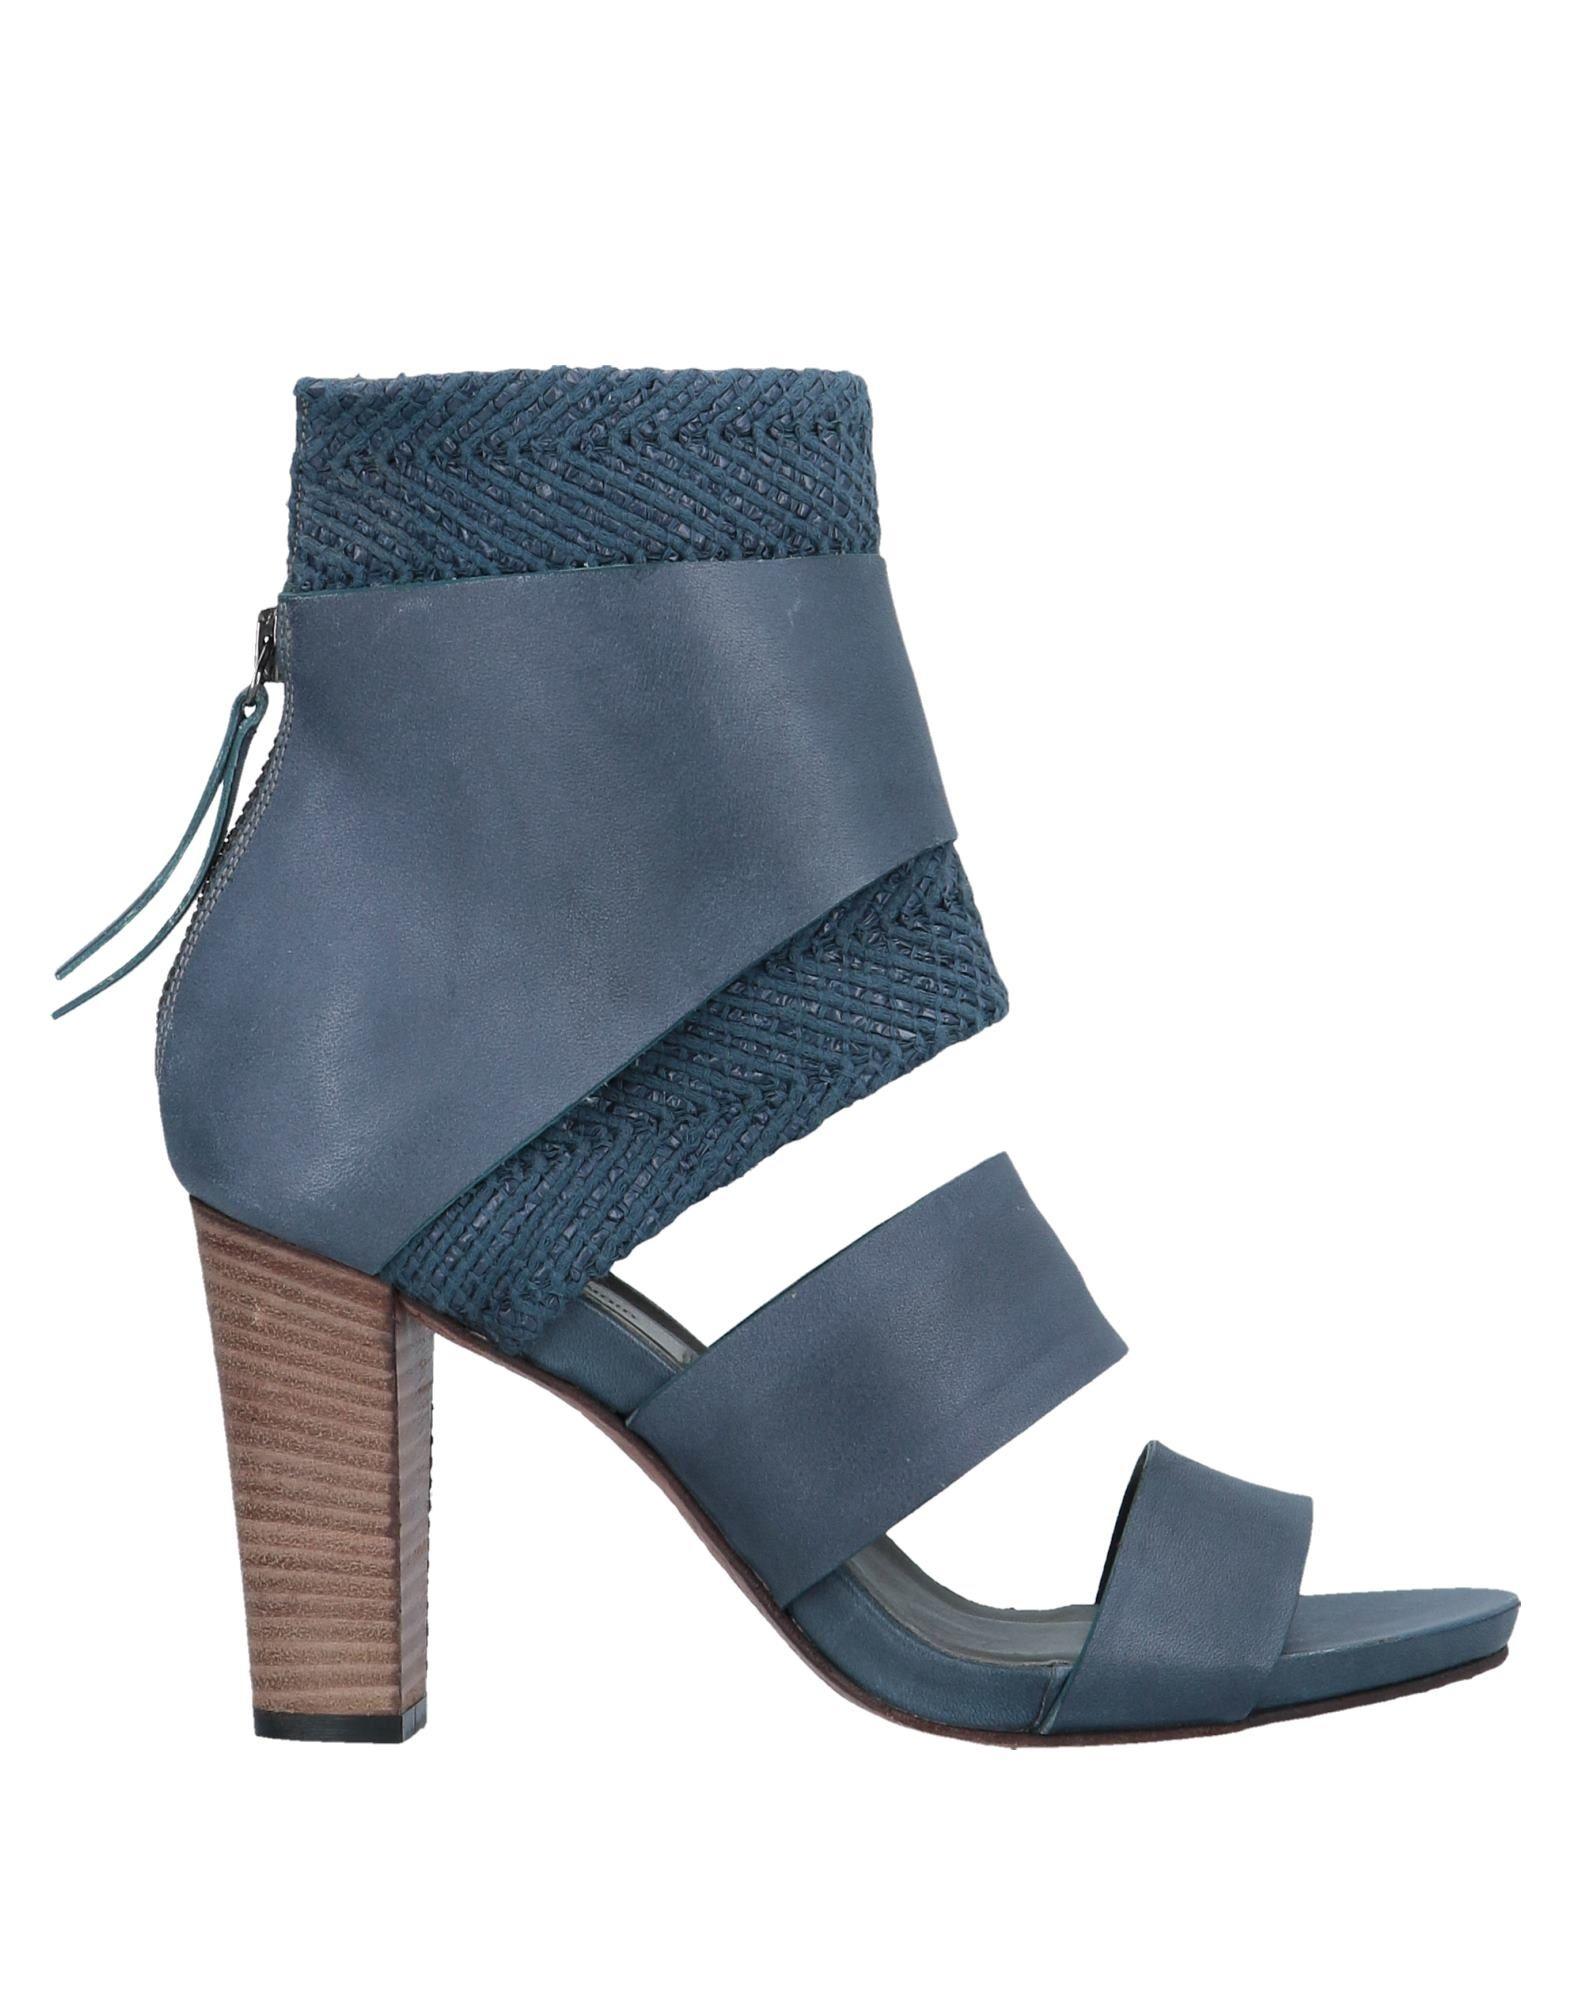 HUMANOID Полусапоги и высокие ботинки плейбой бренд осенью открытый скалолазания и пешие прогулки досуга для дыхания и водонепроницаемым мужские ботинки